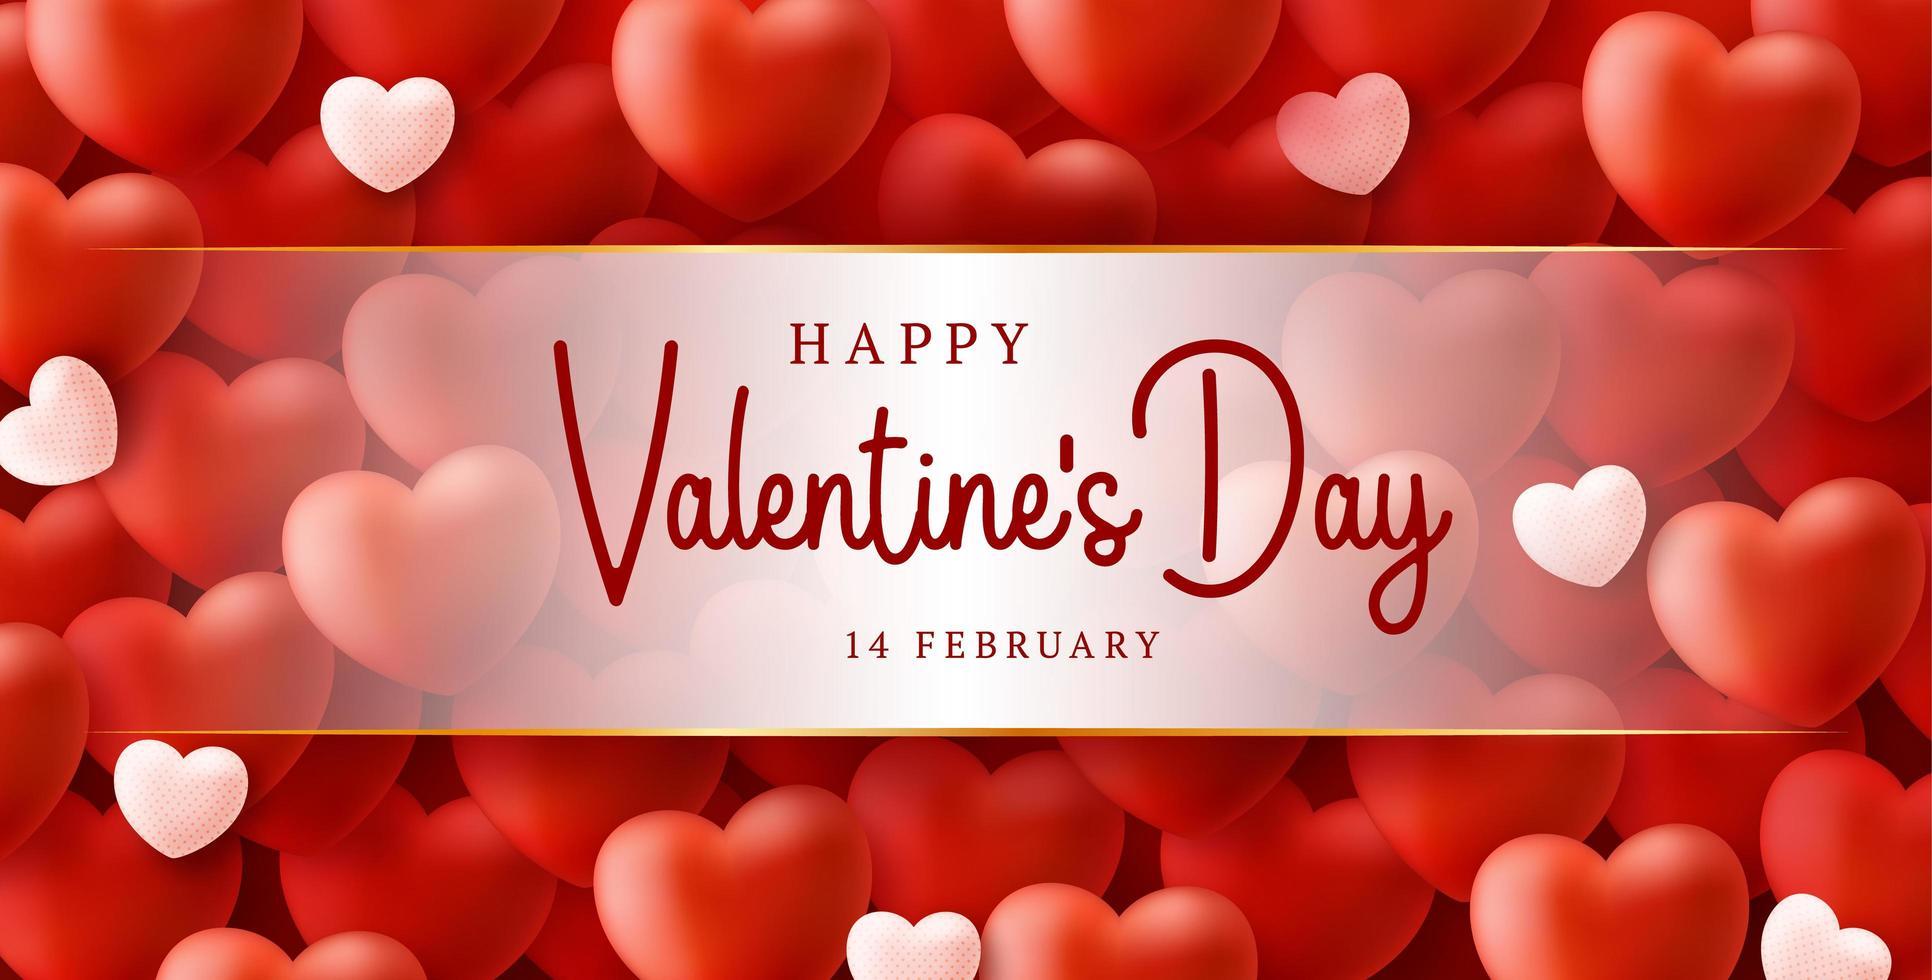 fond de vente heureux et sûr Saint Valentin avec motif coeur ballons. illustration vectorielle de loce et covid coronavirus concept. fond d'écran, flyers, invitation, affiches, brochure, bannières vecteur